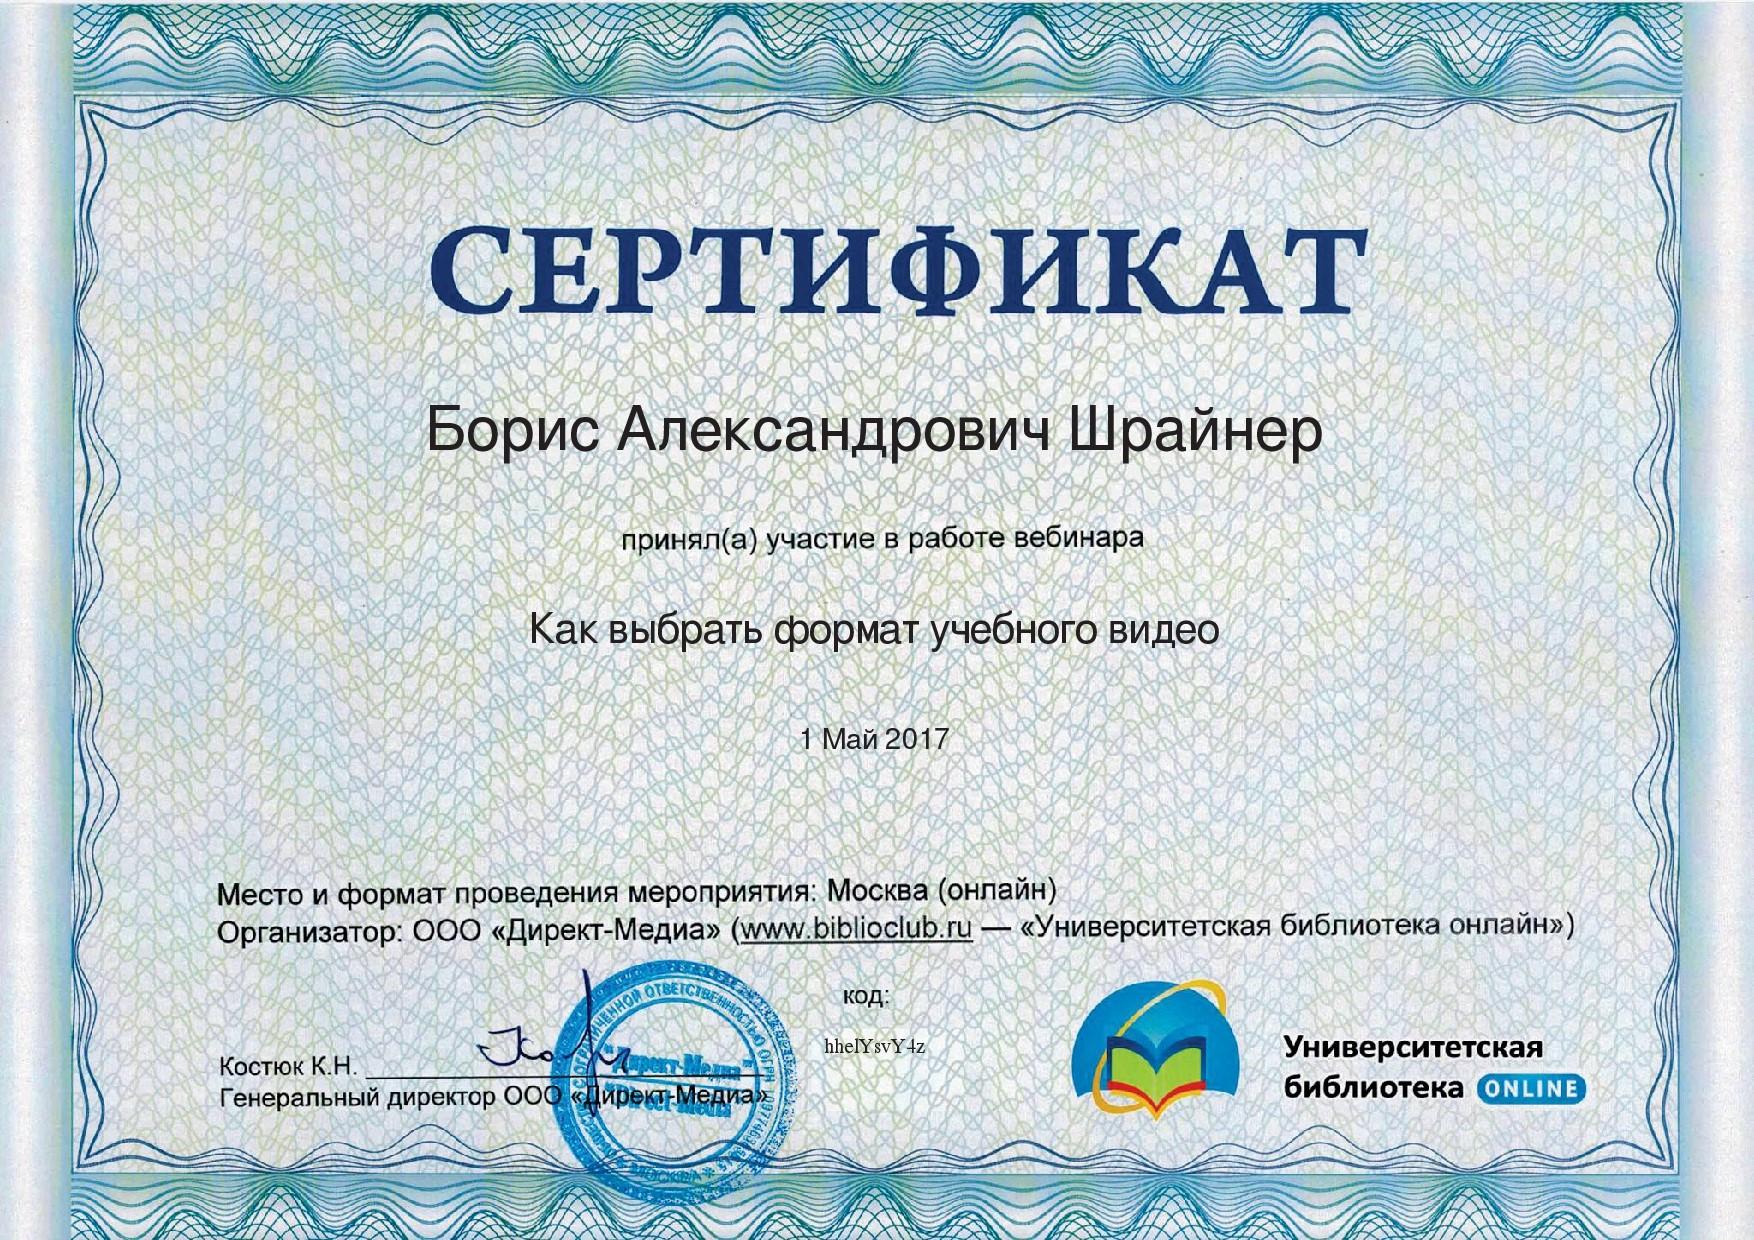 """Борис Шрайнер - Сертификат участника вебинара """"Как выбрать формат учебного видео"""" («Директ-Медиа»)"""